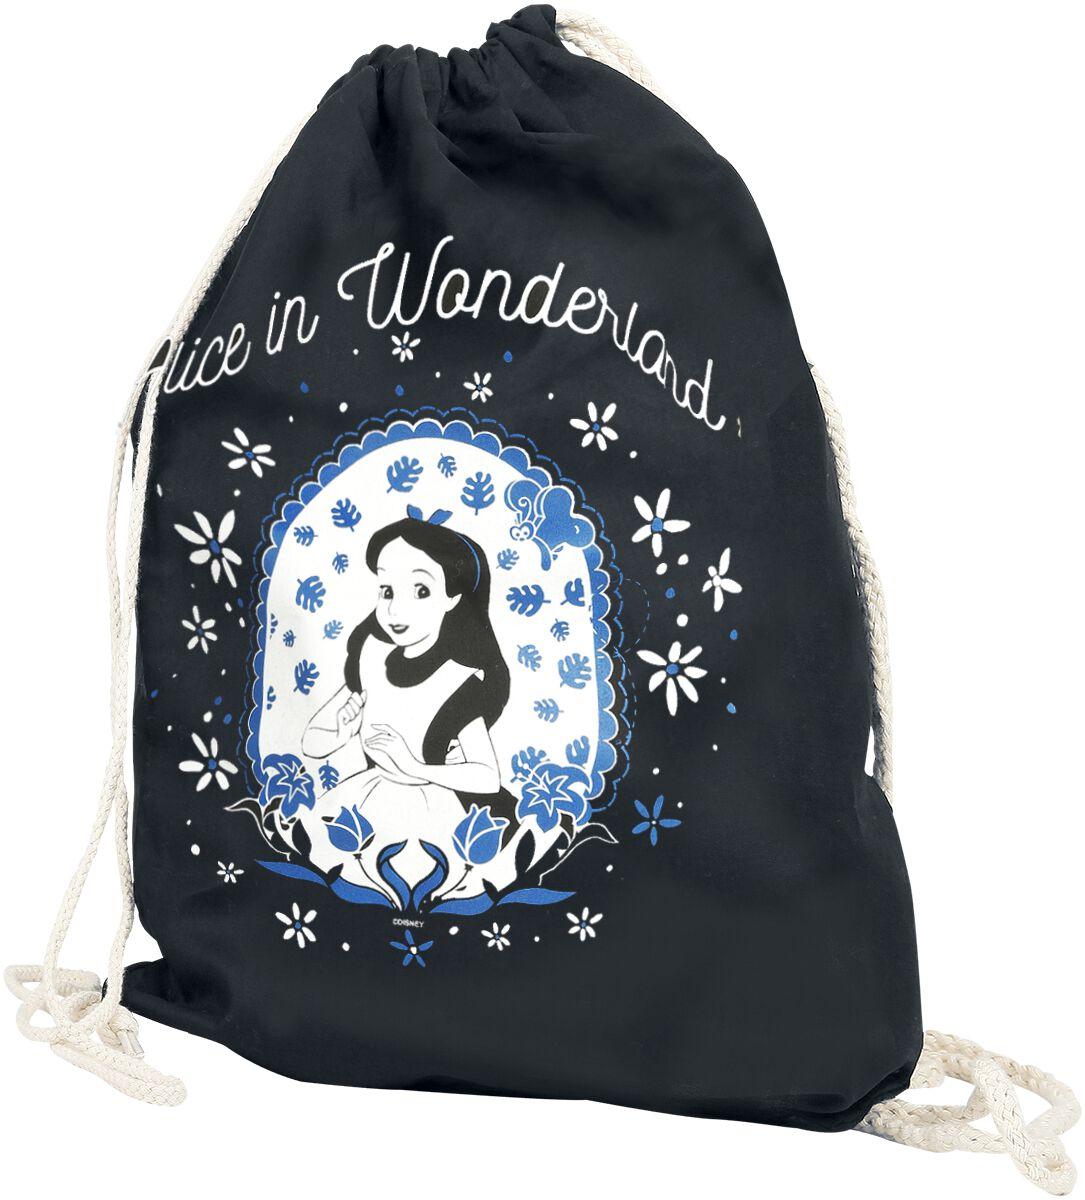 Sporttaschen für Frauen - Alice im Wunderland Alice Turnbeutel schwarz  - Onlineshop EMP